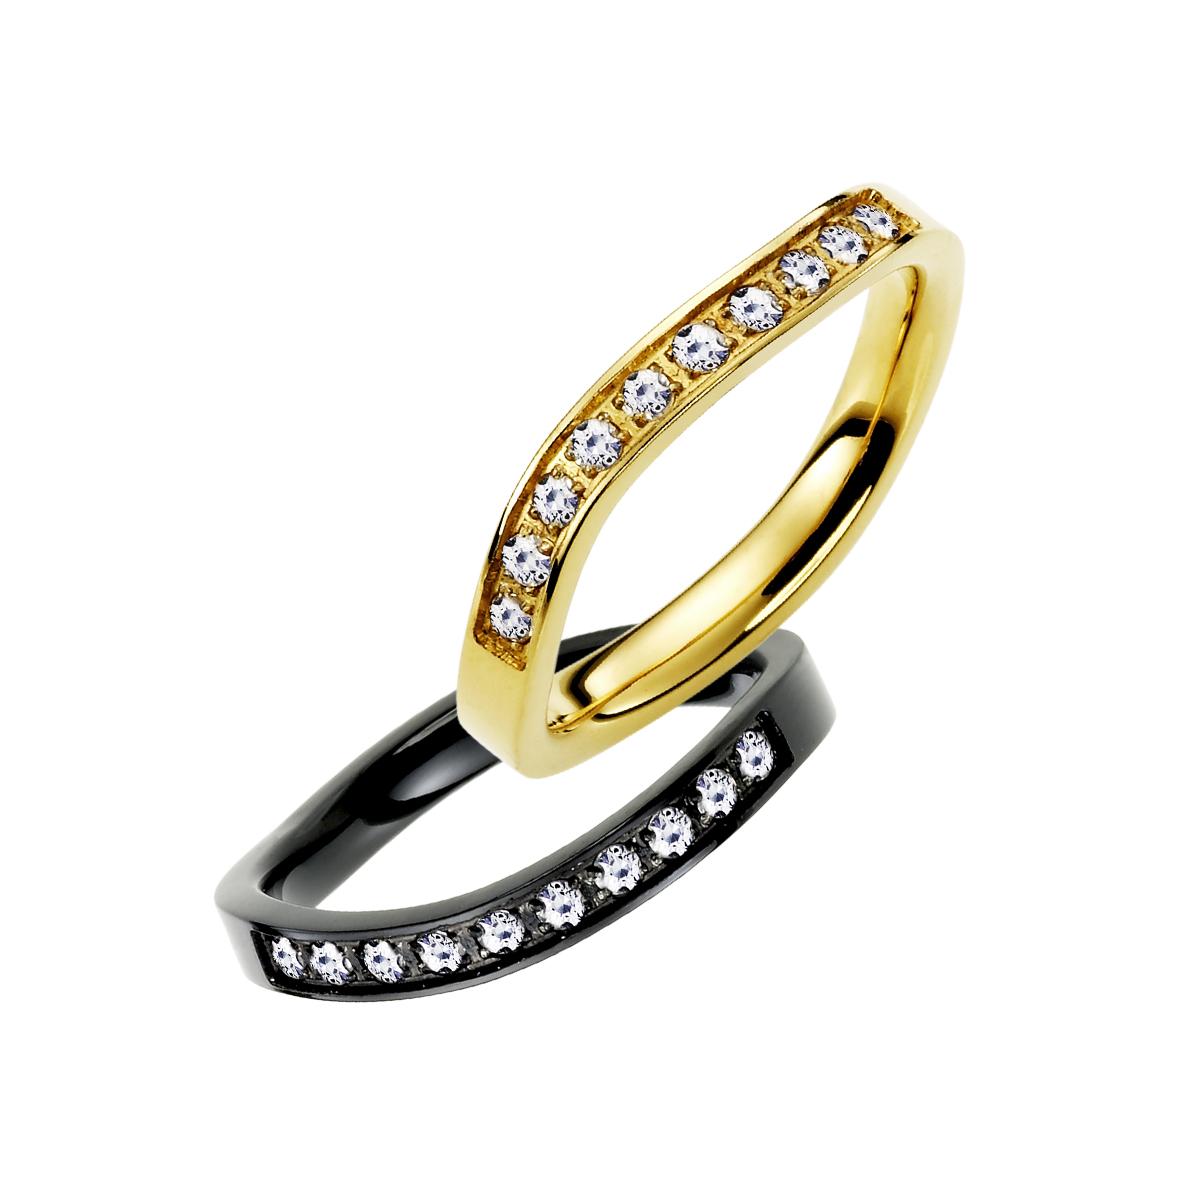 K327 優雅曲線經典時尚款戒指